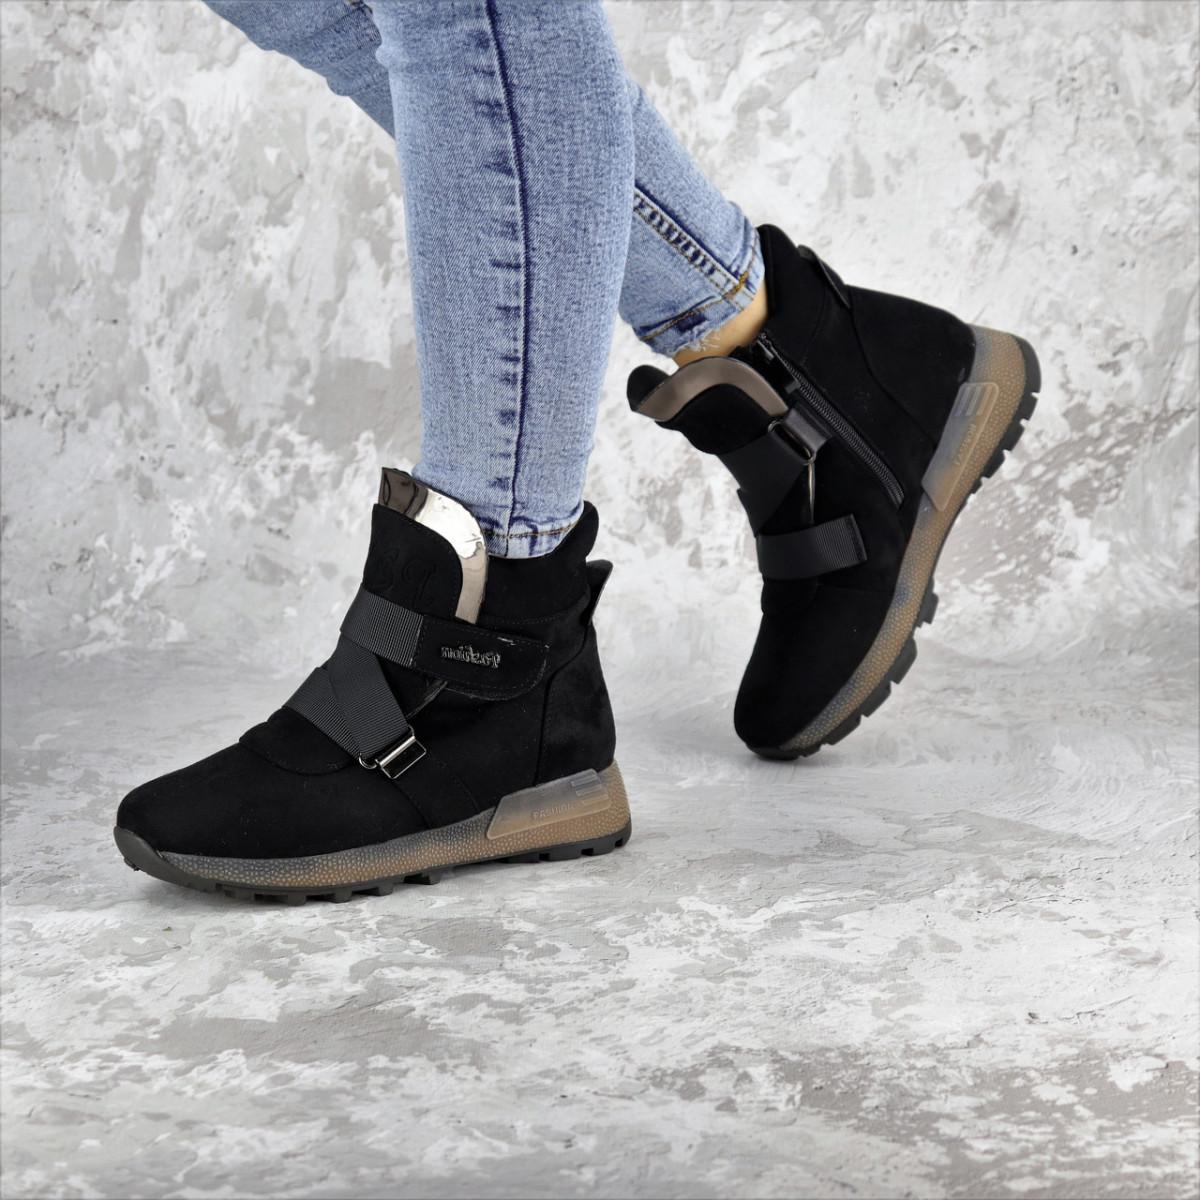 Ботинки женские зимние черные Kingsly 2302 (36 размер)